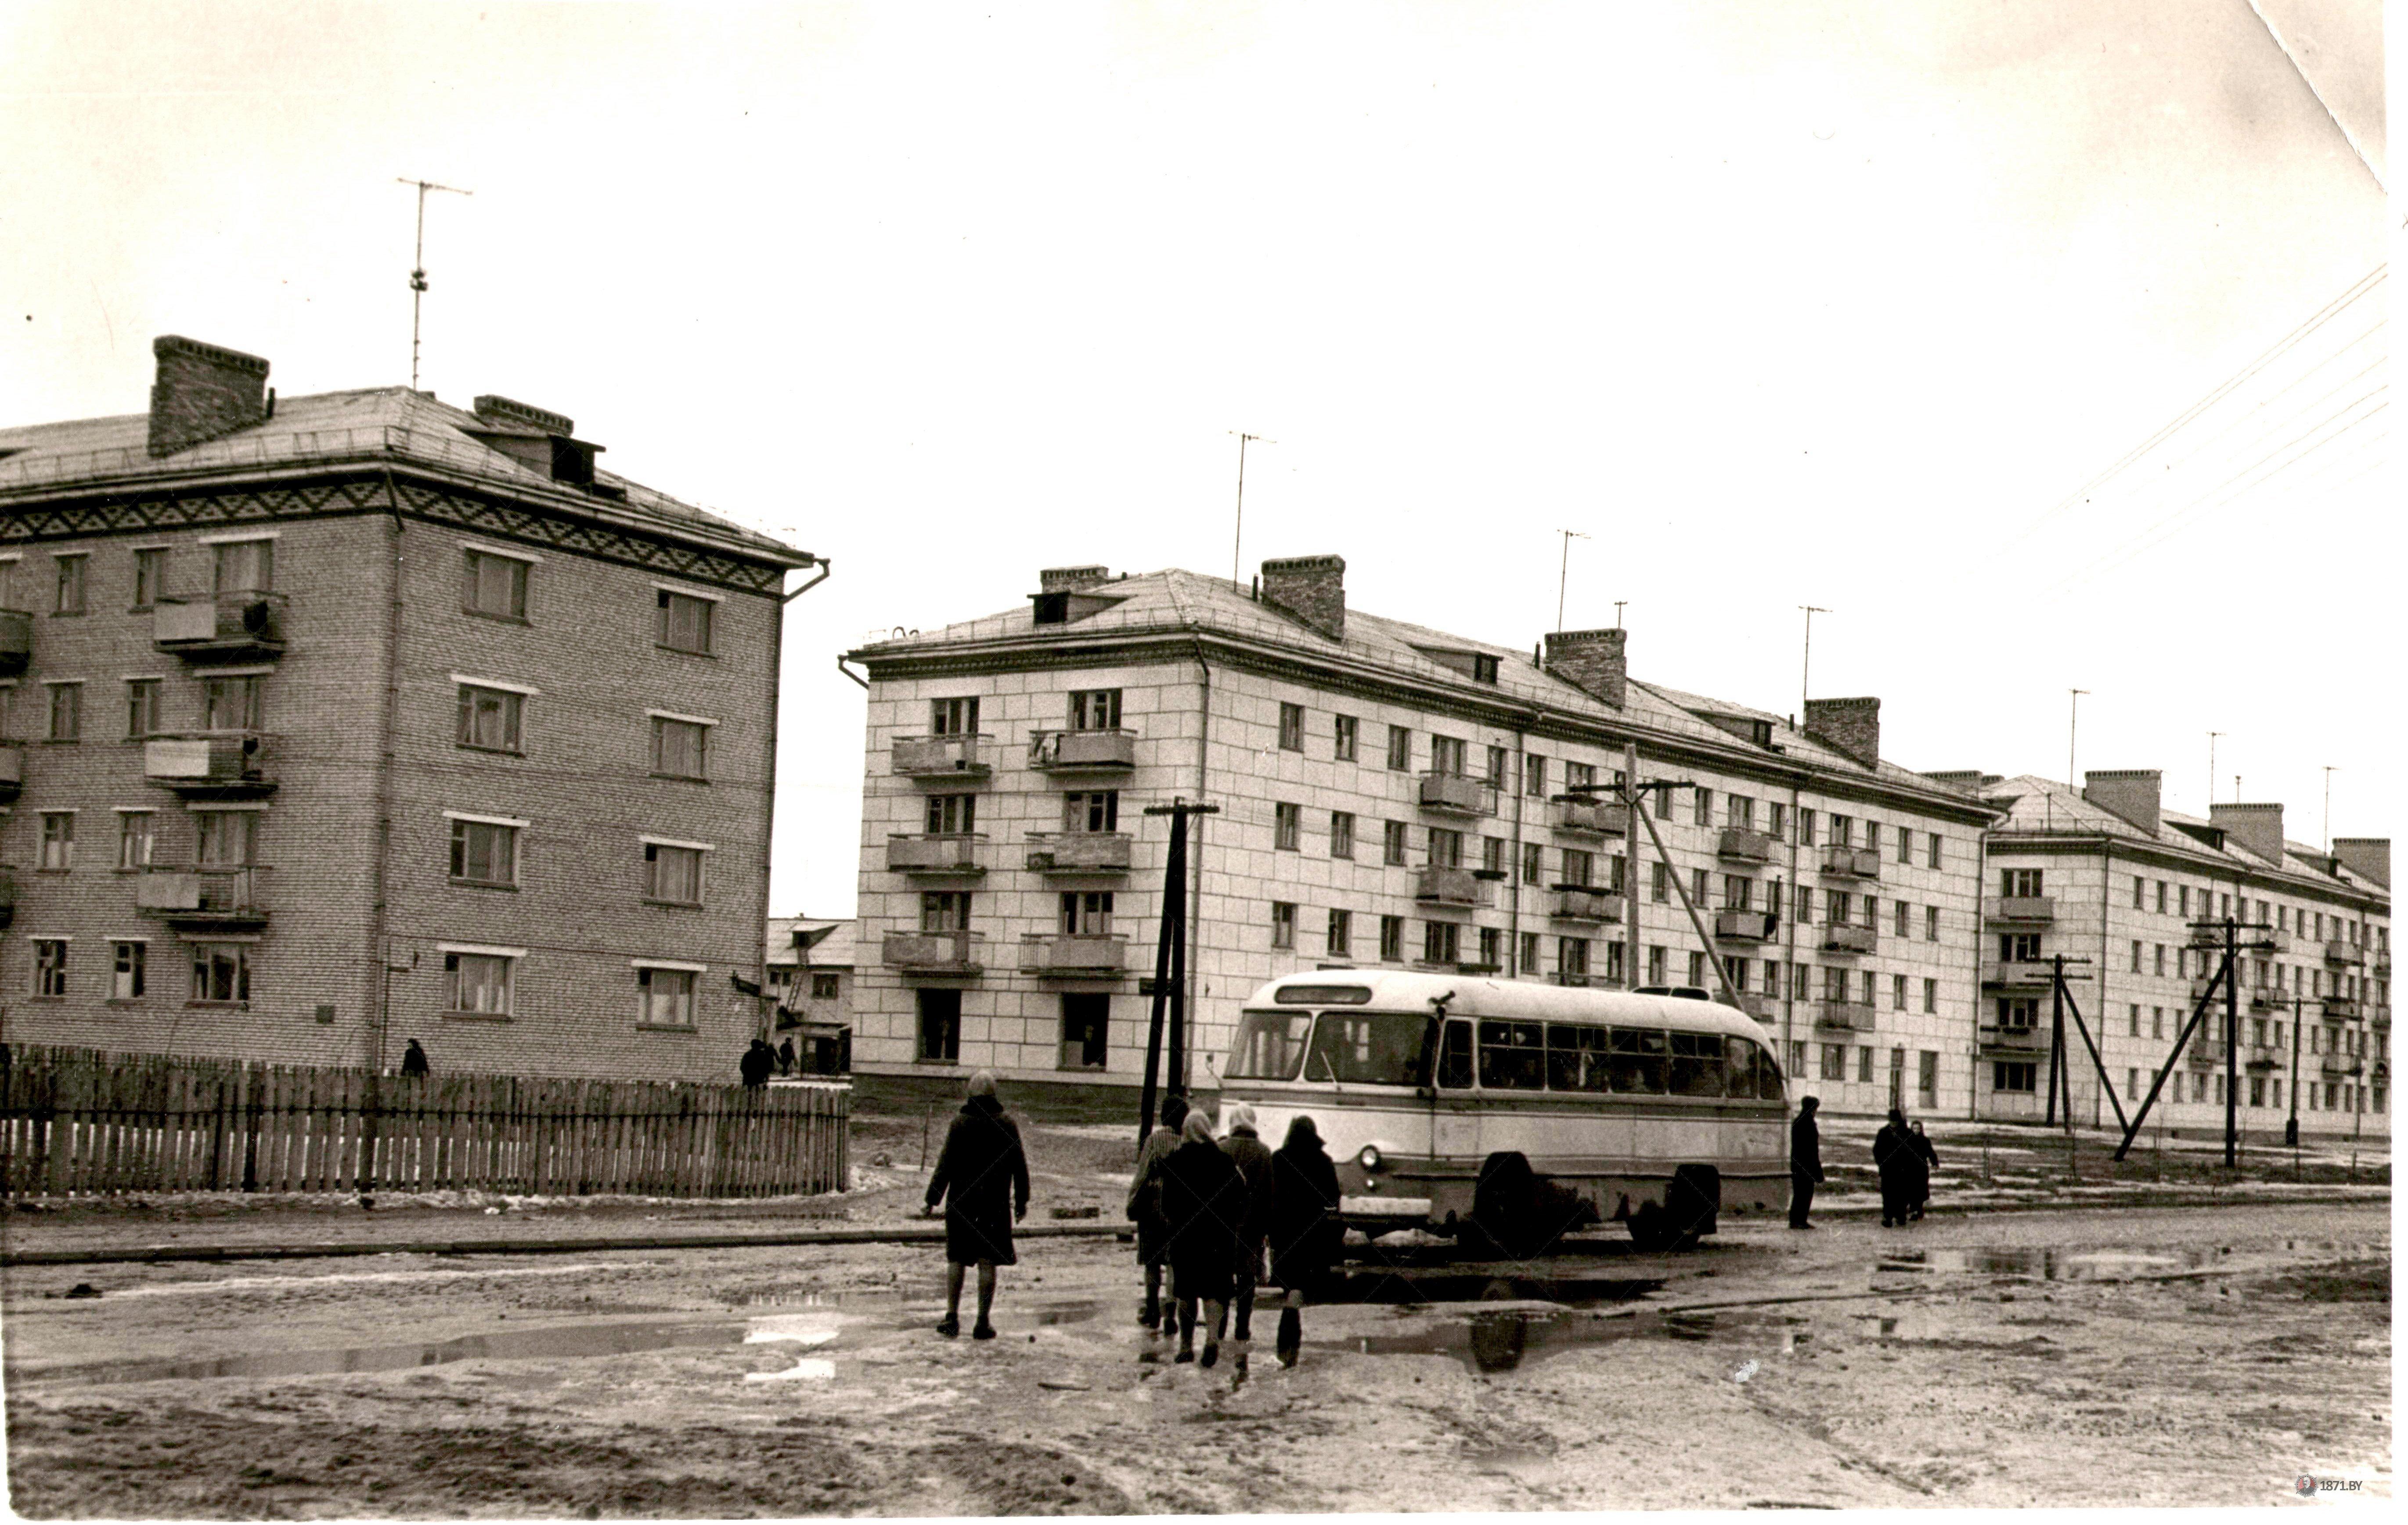 Барановичи, Рабочий посёлок хлопчатобумажного комбината. 1965 г